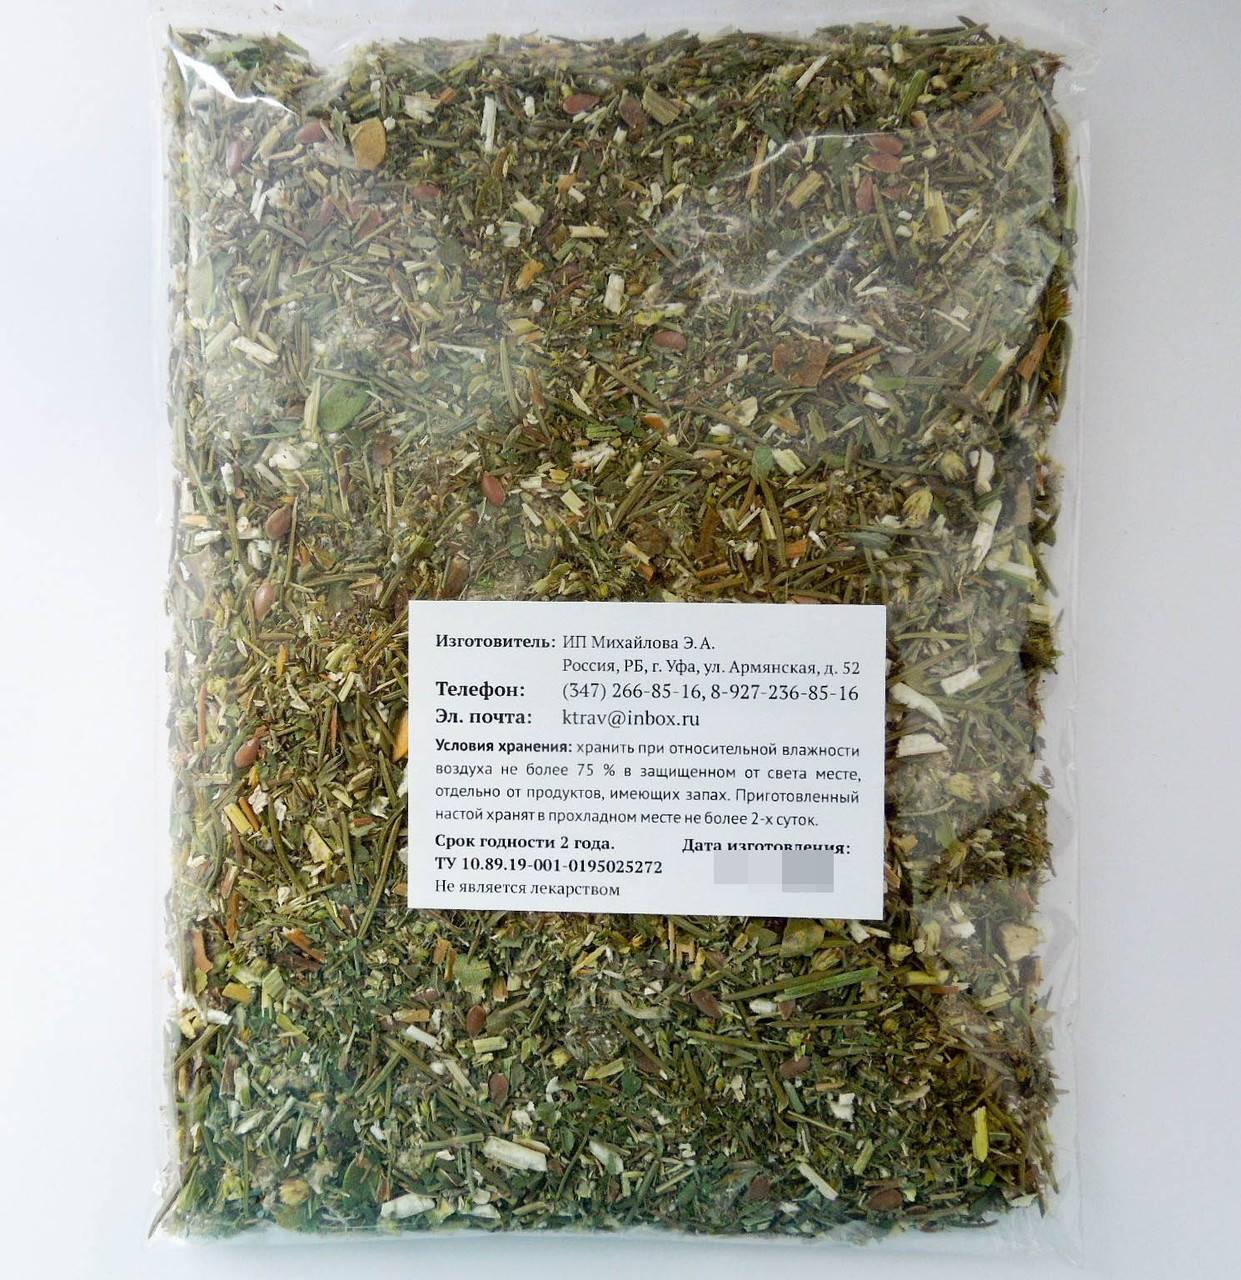 Лекарства на травах, почечные сборы для лечения, профилактики, очистки почек